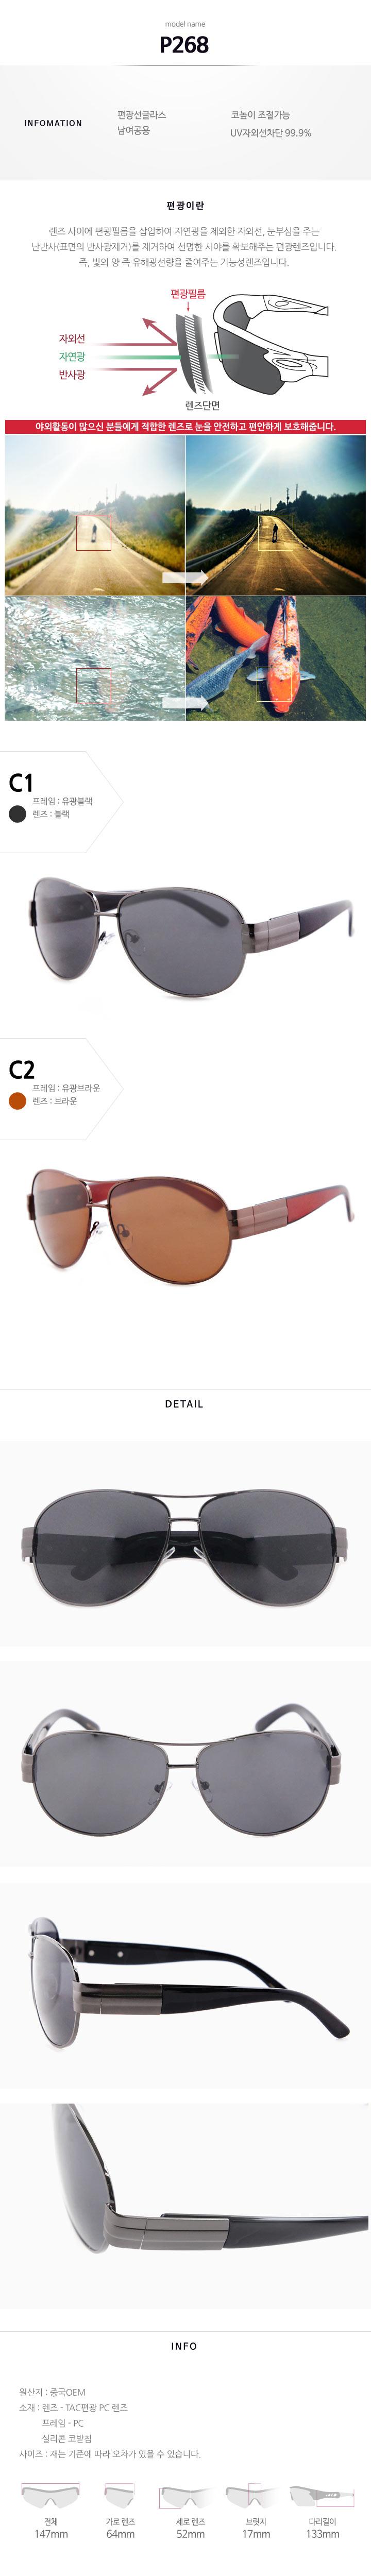 트리샤(TRISHA) 편광 선글라스 P268